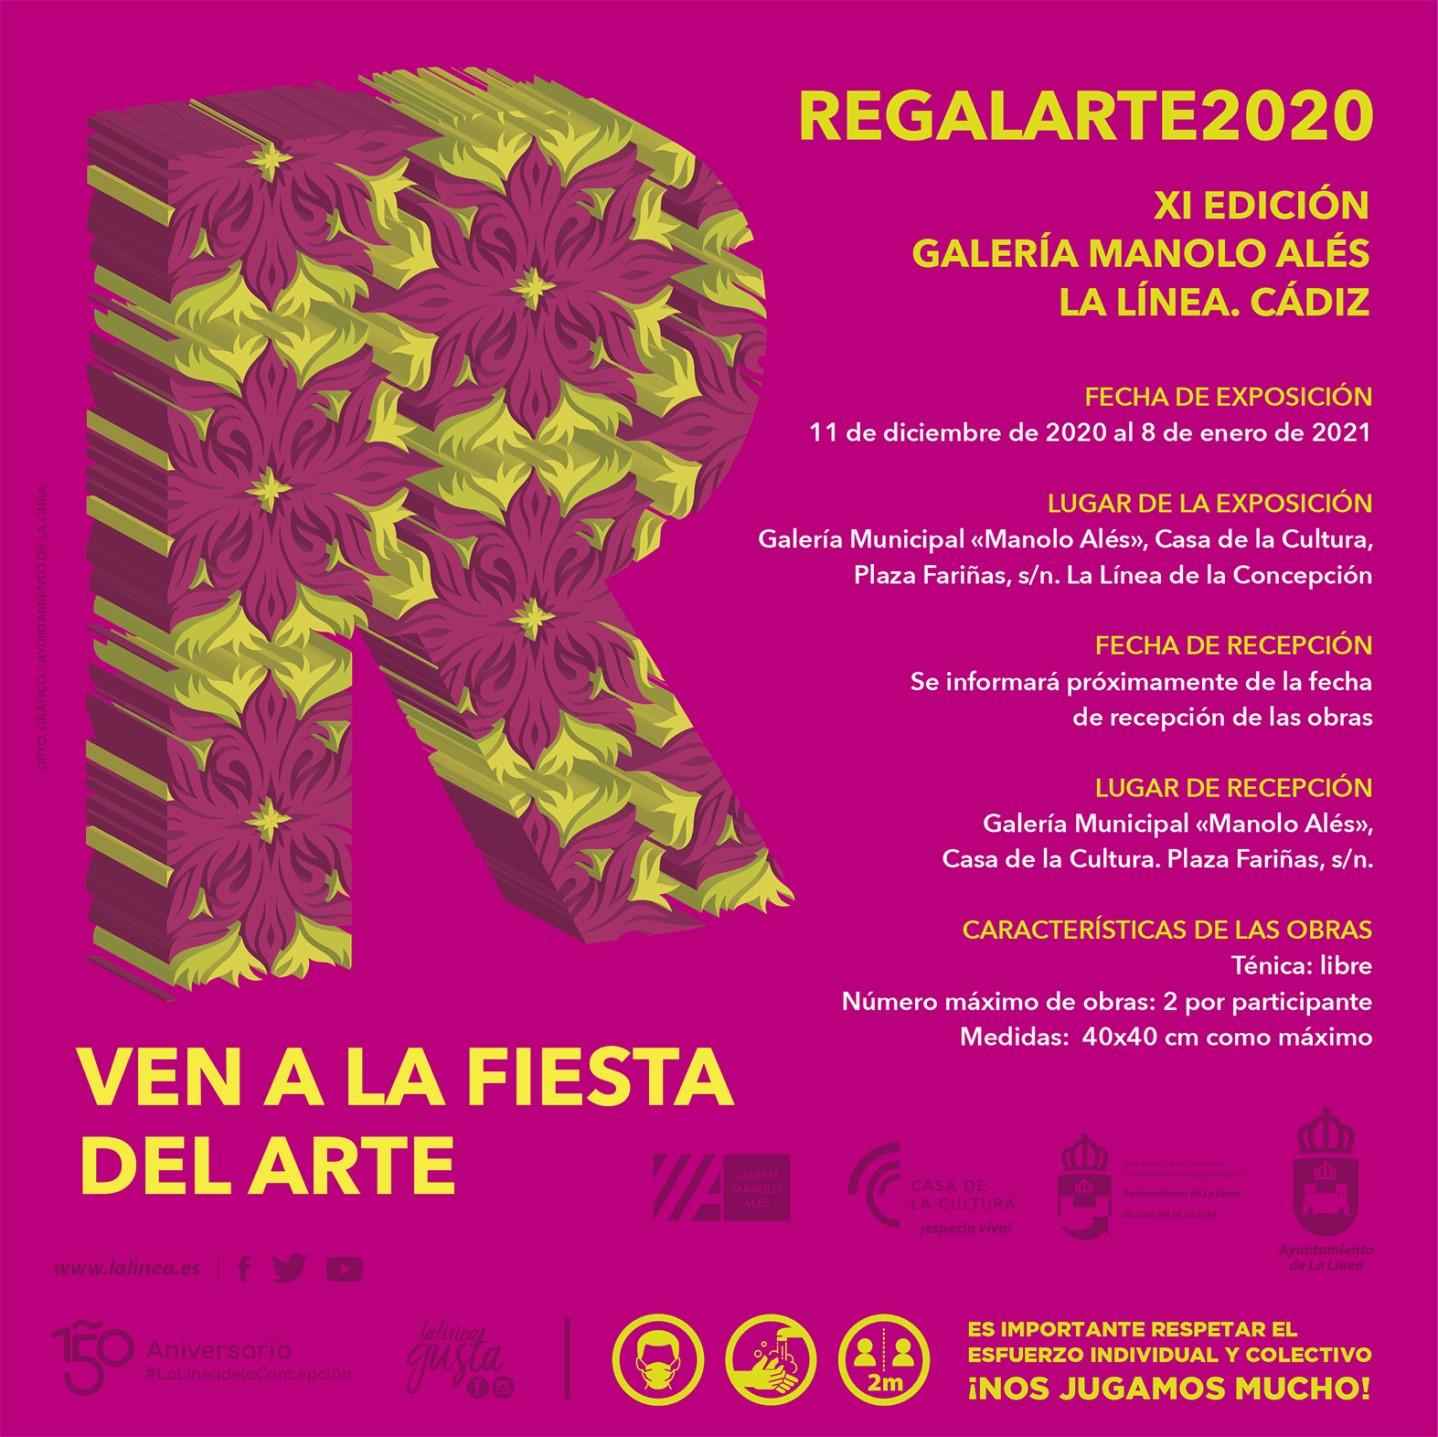 Regalarte2020 web